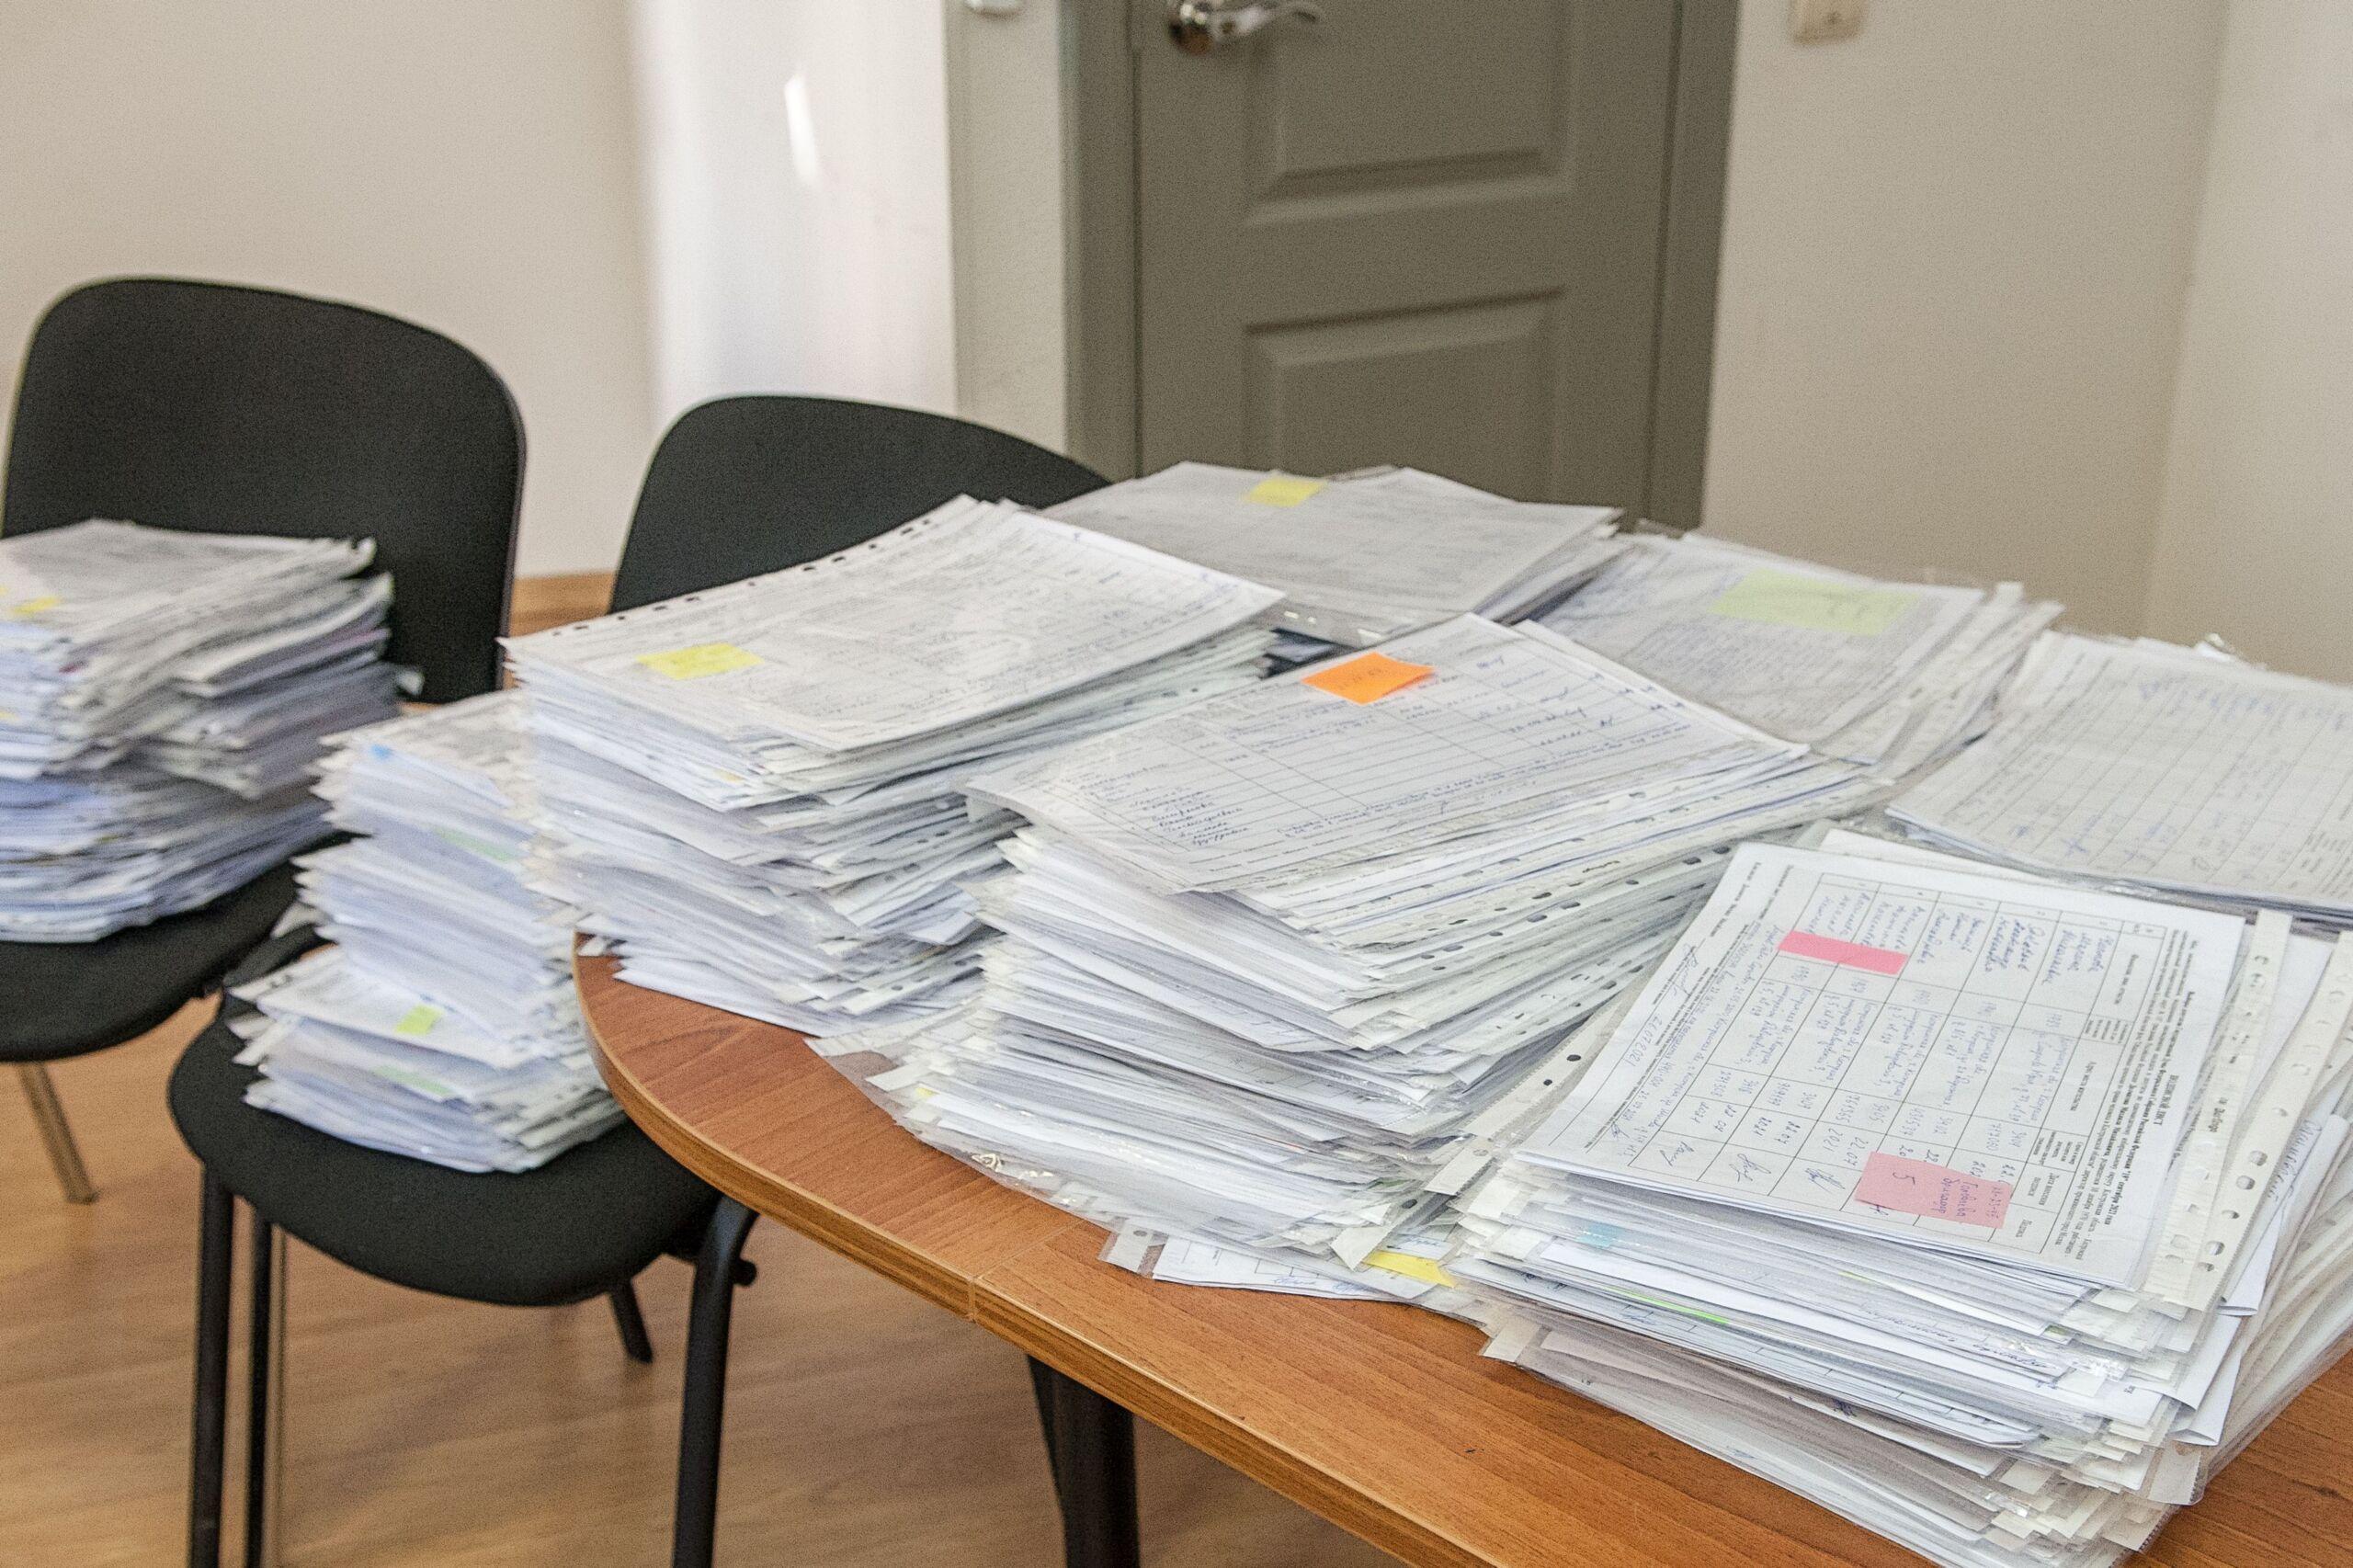 Кандидат в депутаты Госдумы Михаил Долматов собрал более 32 тысяч подписей костромичей